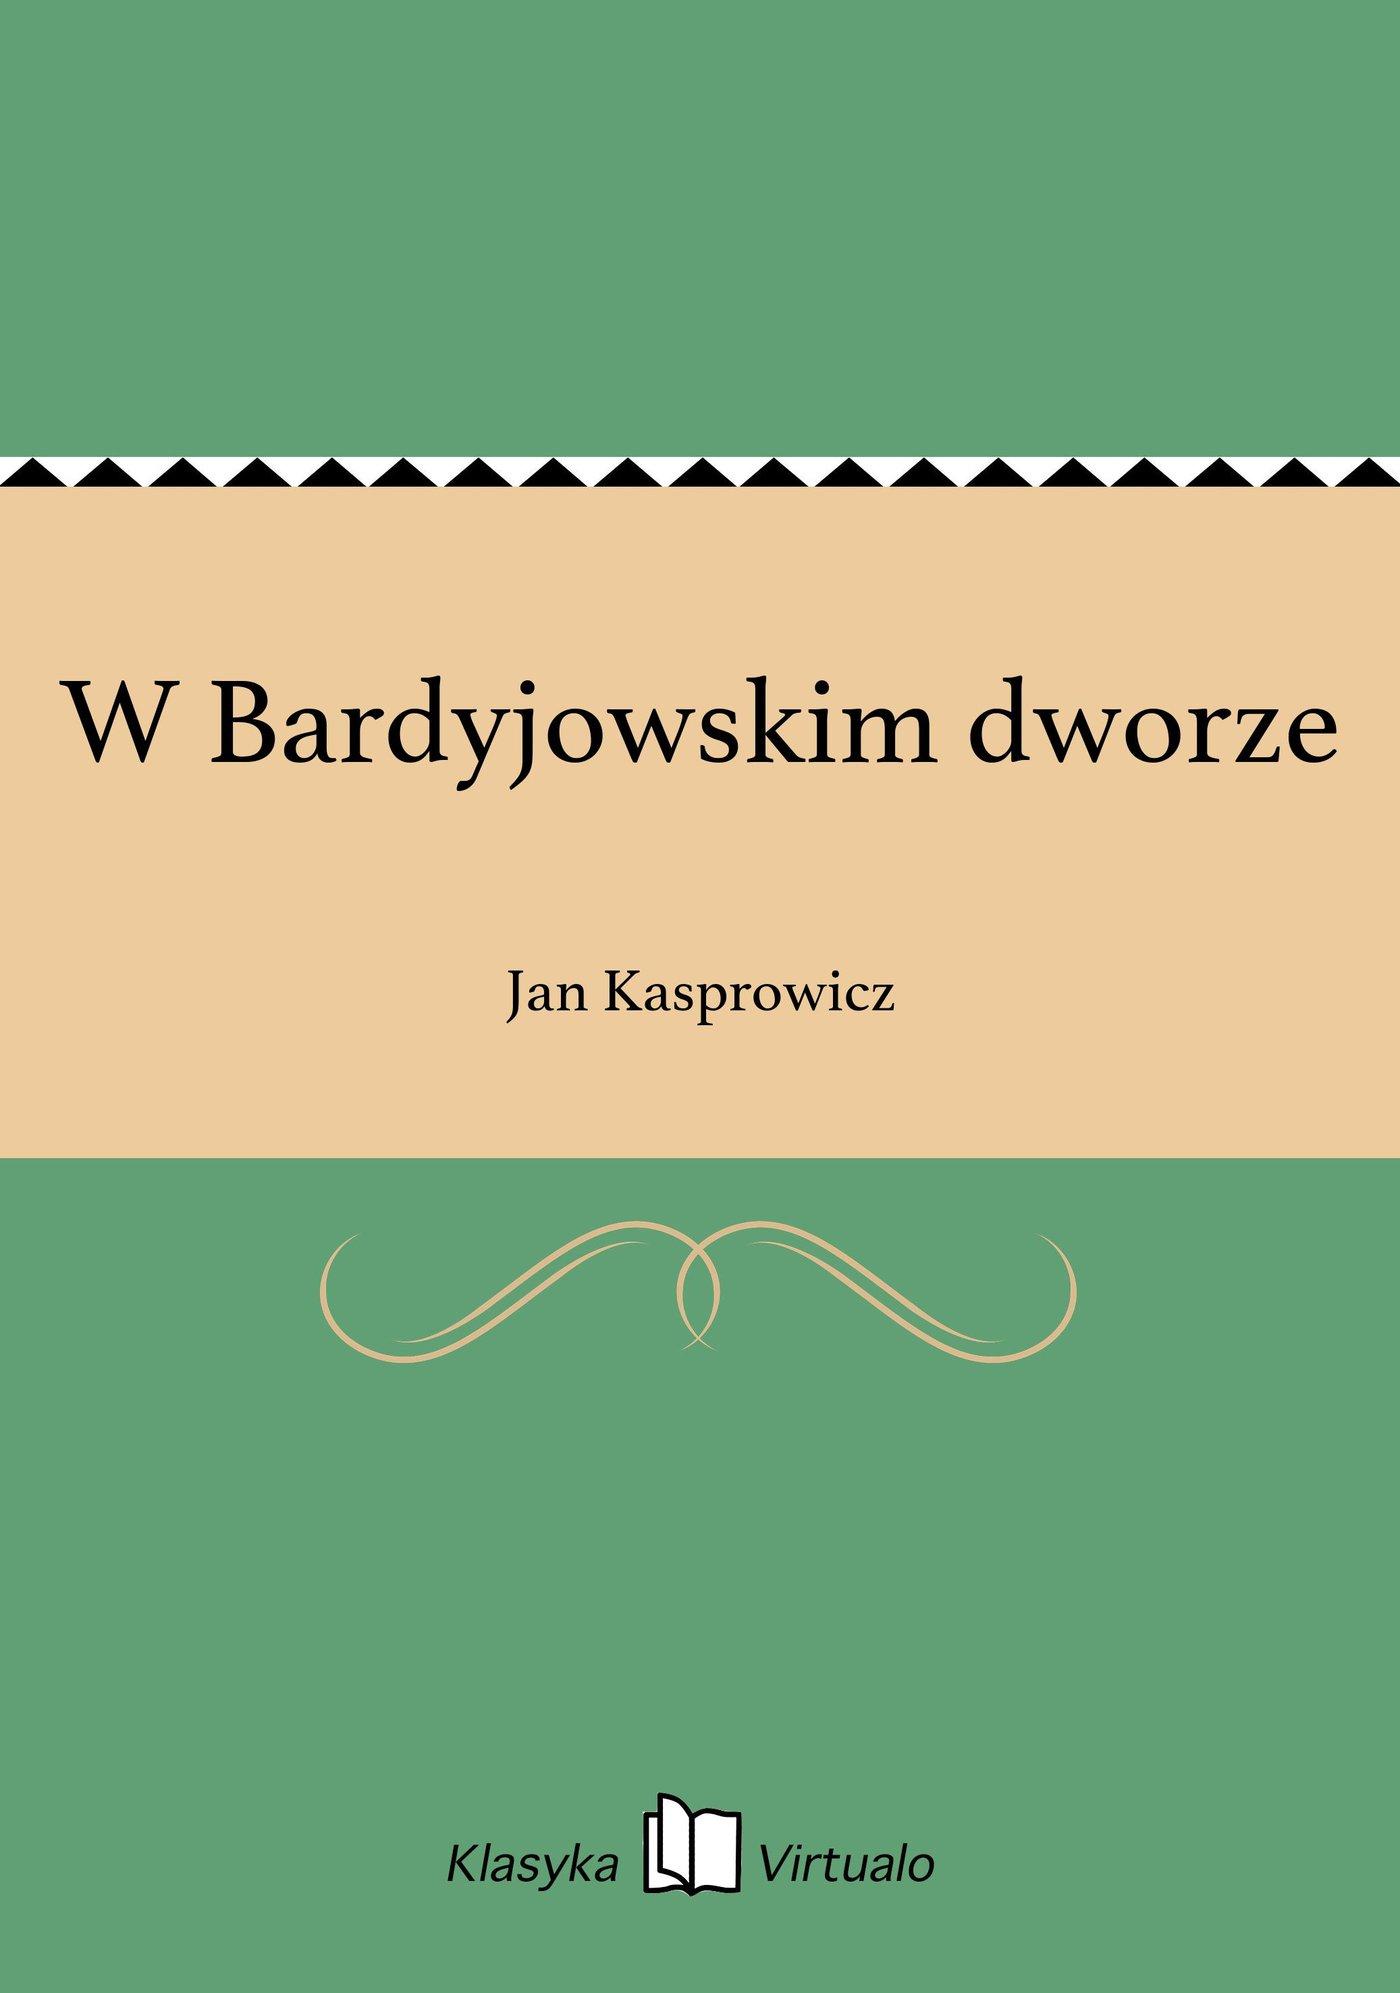 W Bardyjowskim dworze - Ebook (Książka EPUB) do pobrania w formacie EPUB